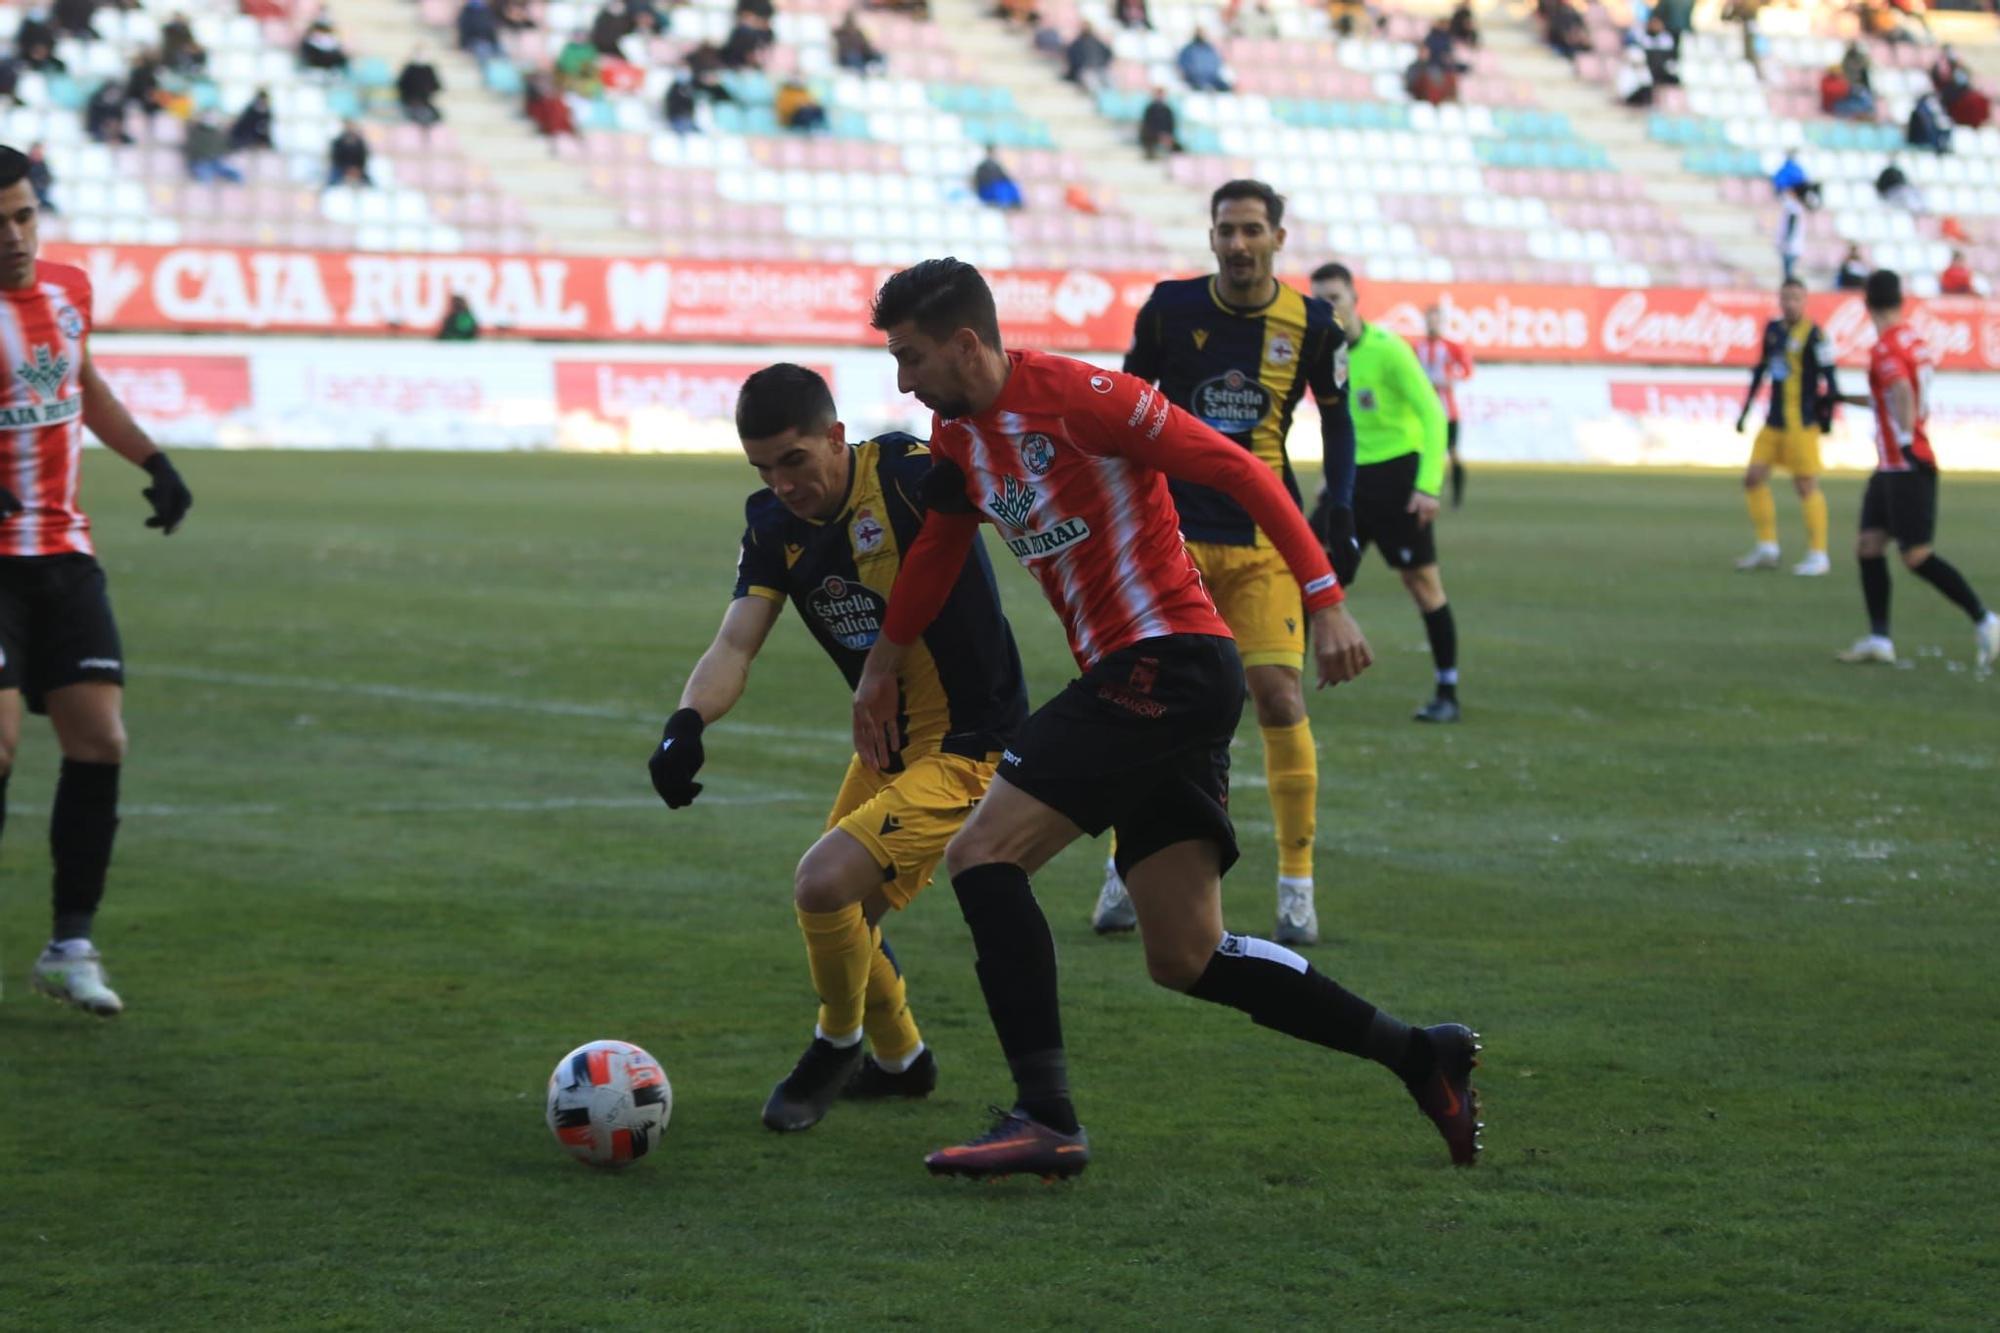 GALERÍA | El Zamora CF - Deportivo de la Coruña, en imágenes